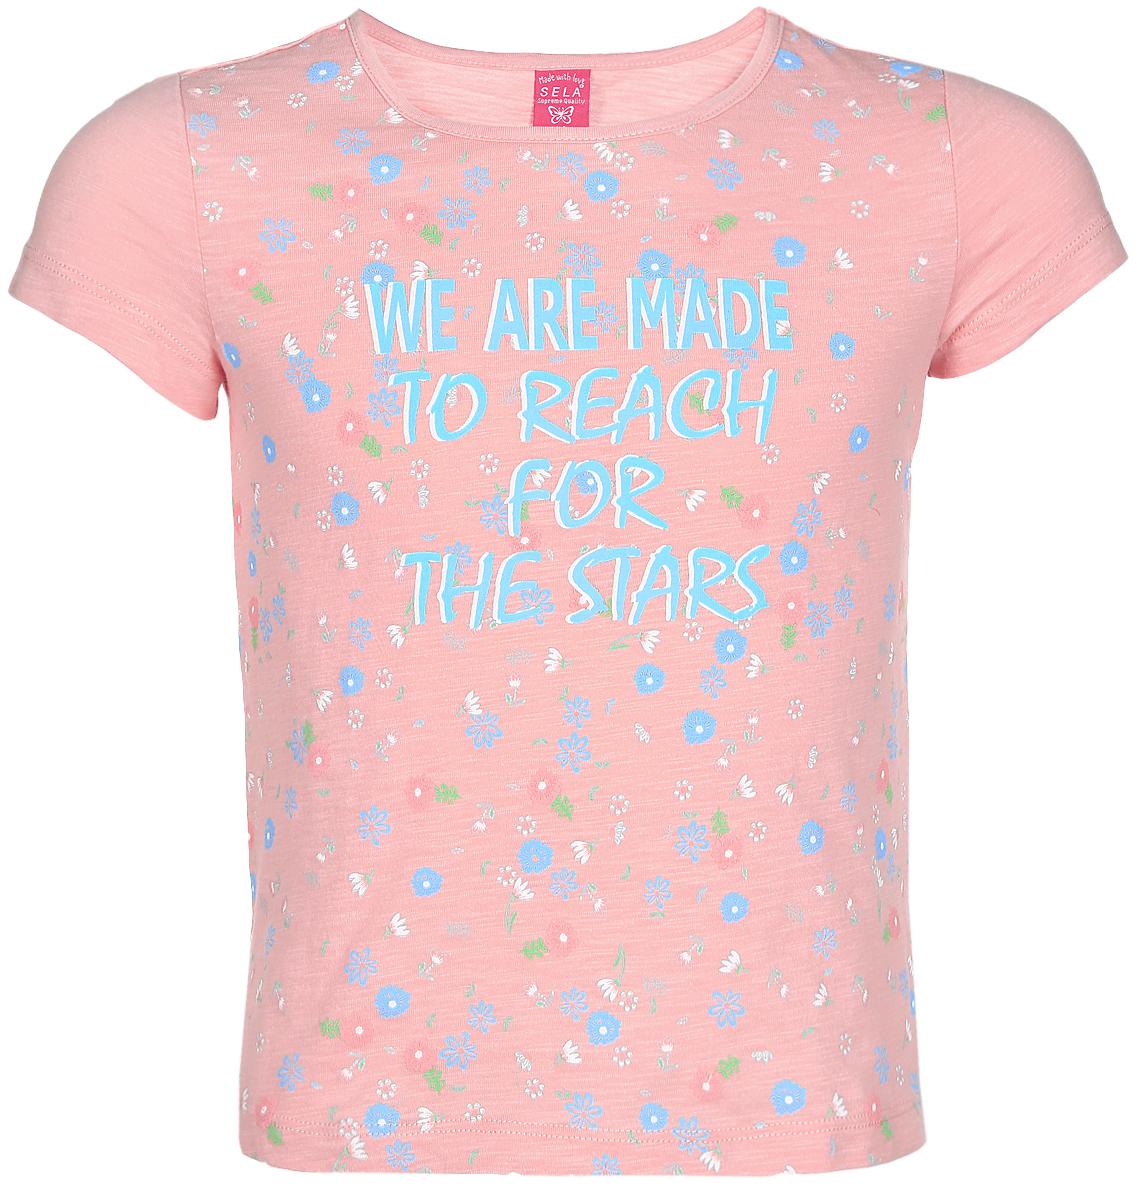 Футболка для девочки Sela, цвет: персиковый. Ts-611/625-7151. Размер 116, 6 летTs-611/625-7151Футболка для девочки Sela изготовлена из высококачественного натурального хлопка. Модель с короткими рукавами и круглым вырезом горловины украшена ярким цветочным принтом и надписью We Are Made To Reach For The Stars.